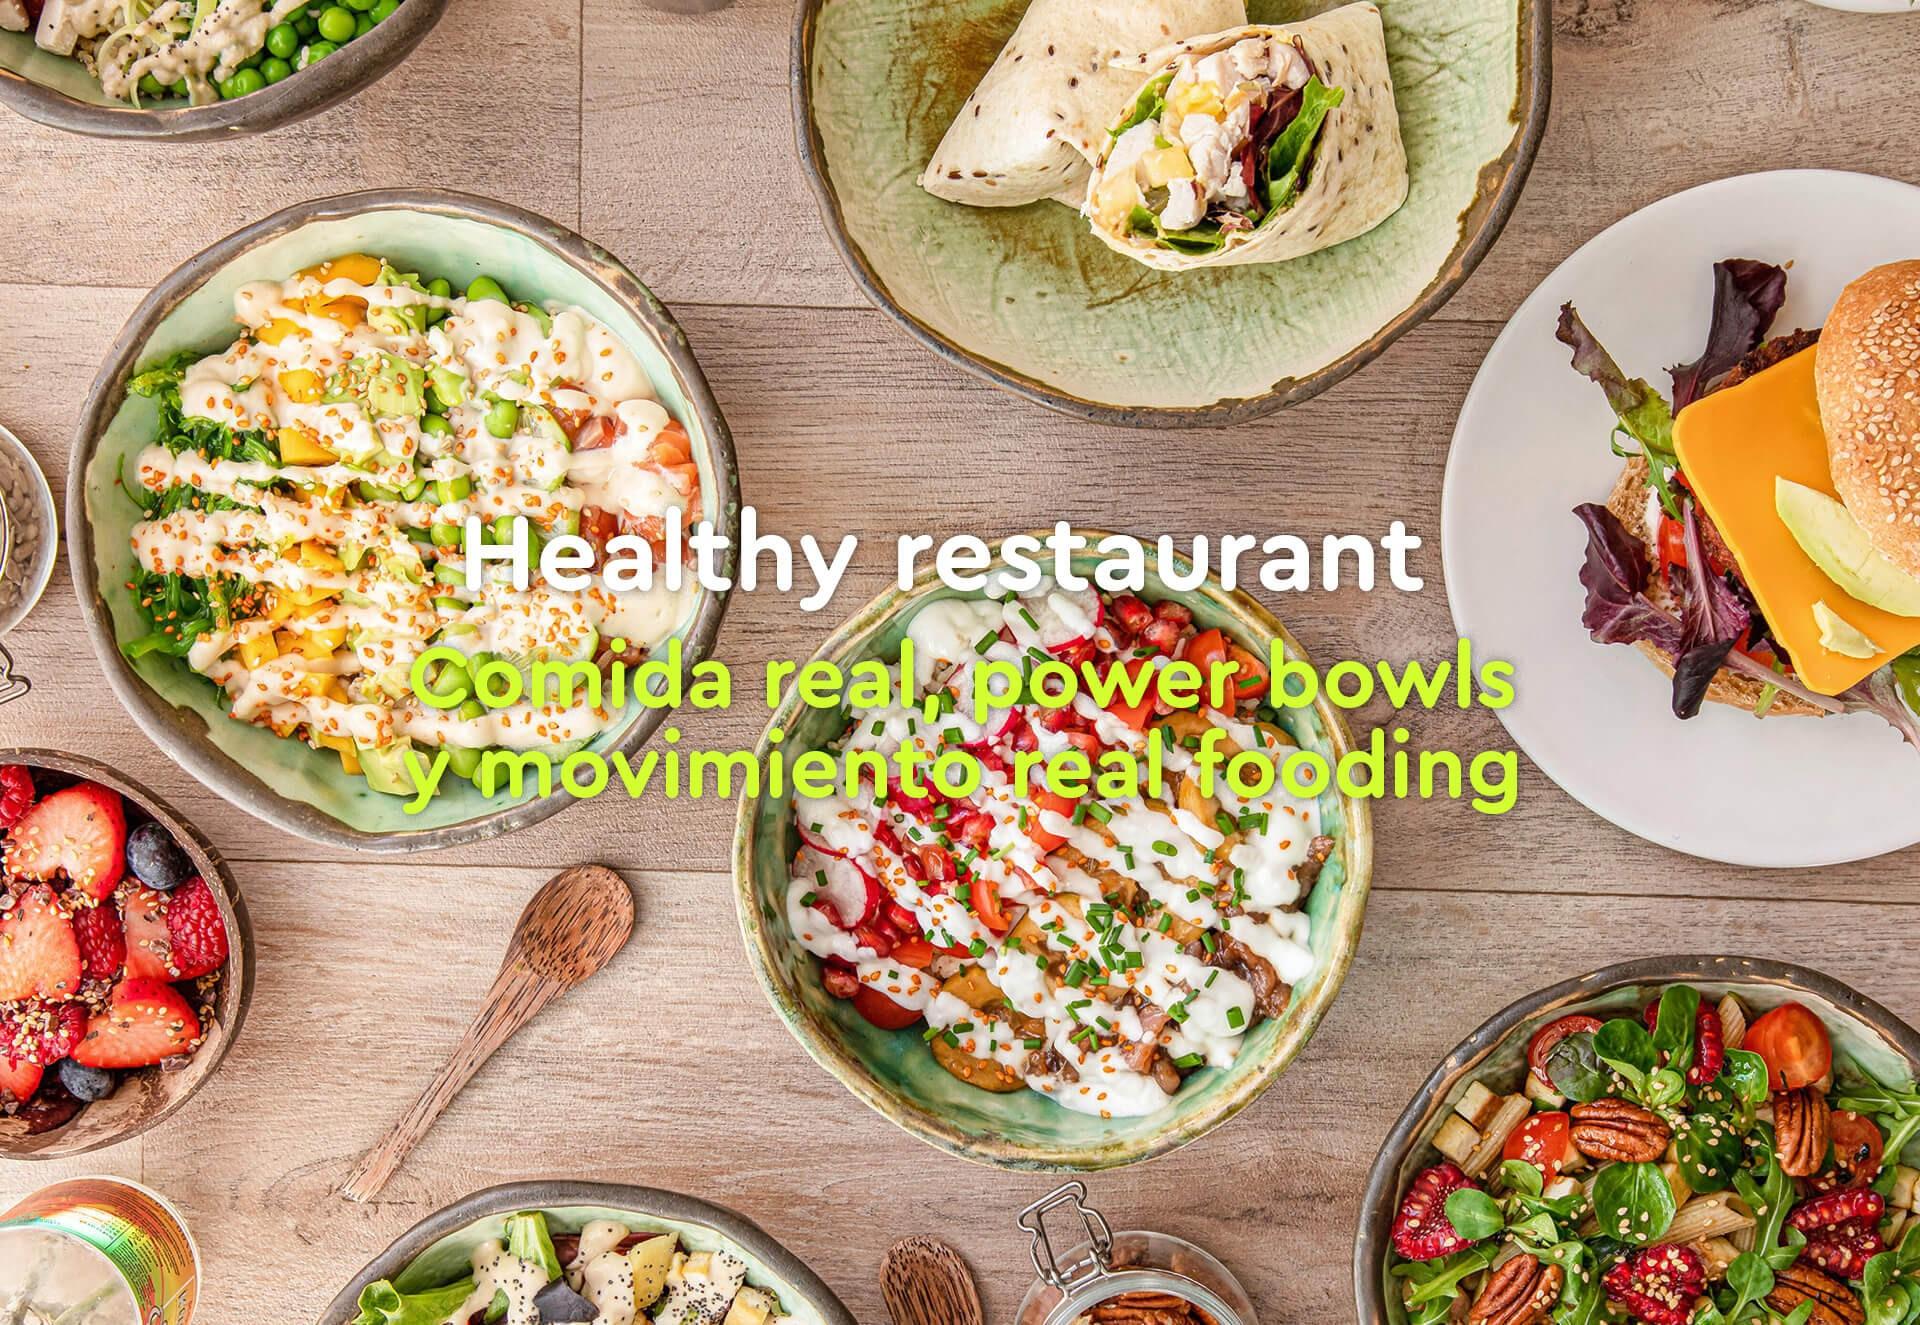 Restaurante de comida real, power bowls y movimiento realfooding